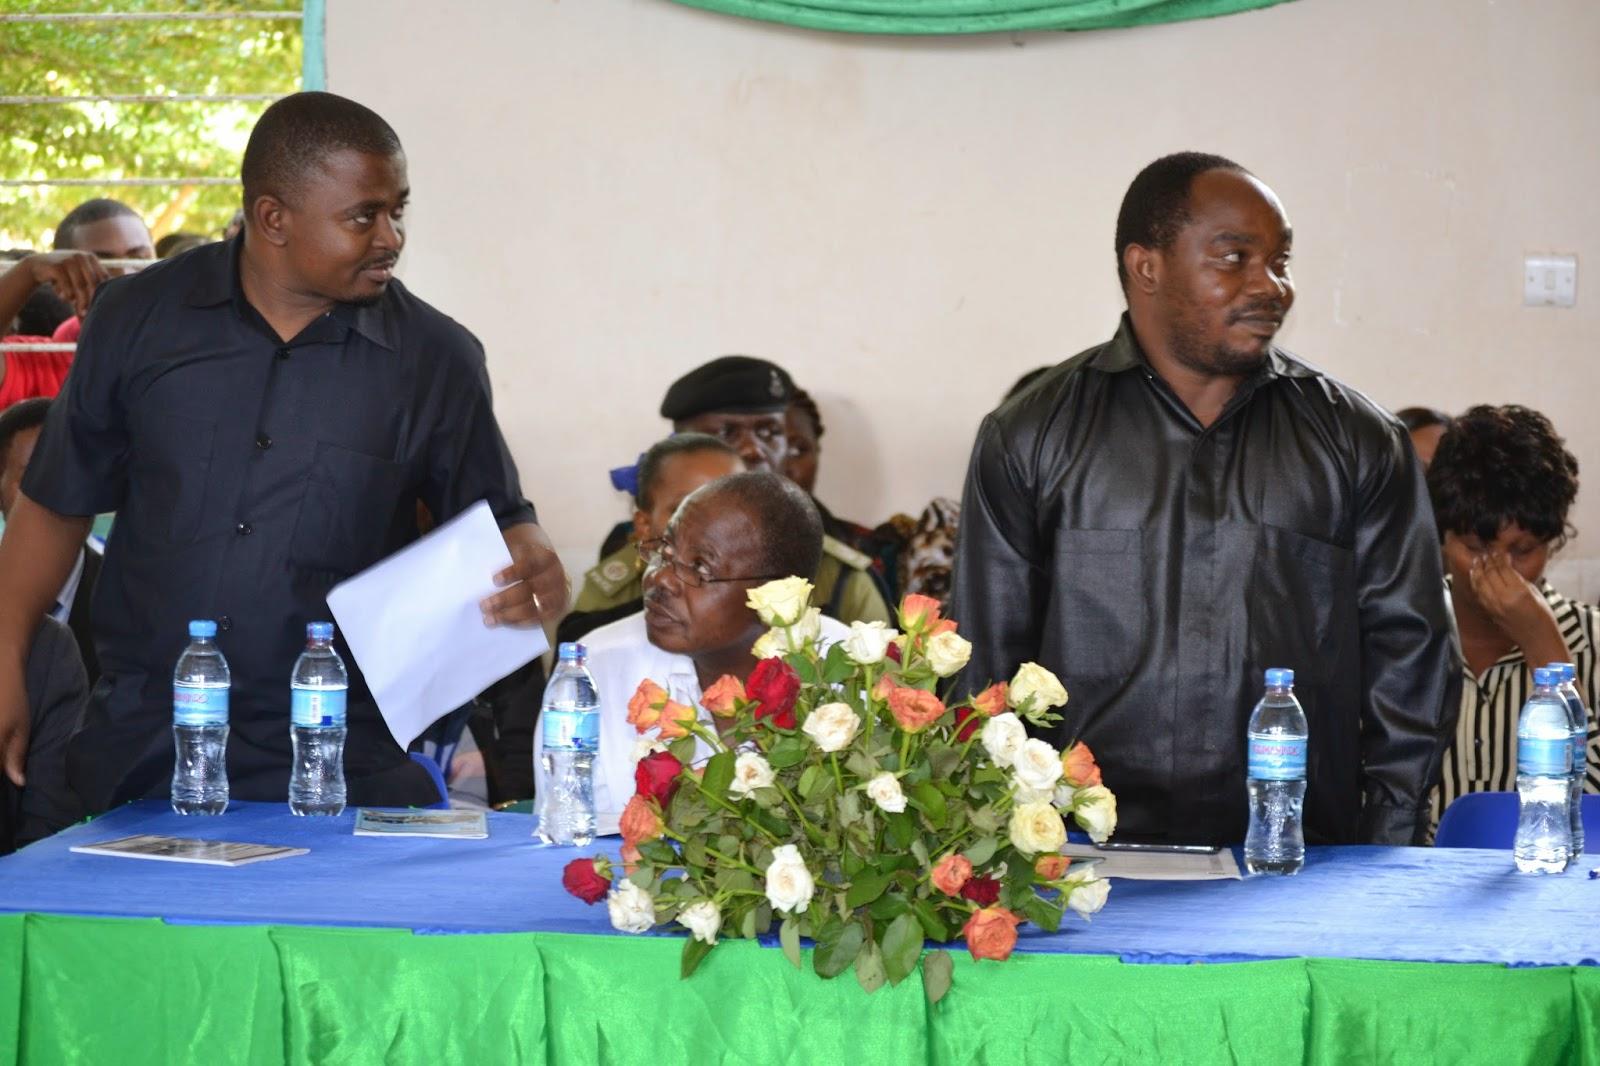 wa Mtwara walikuwepo katika Mahafari hayo ya Chuo cha Utumishi wa Umma